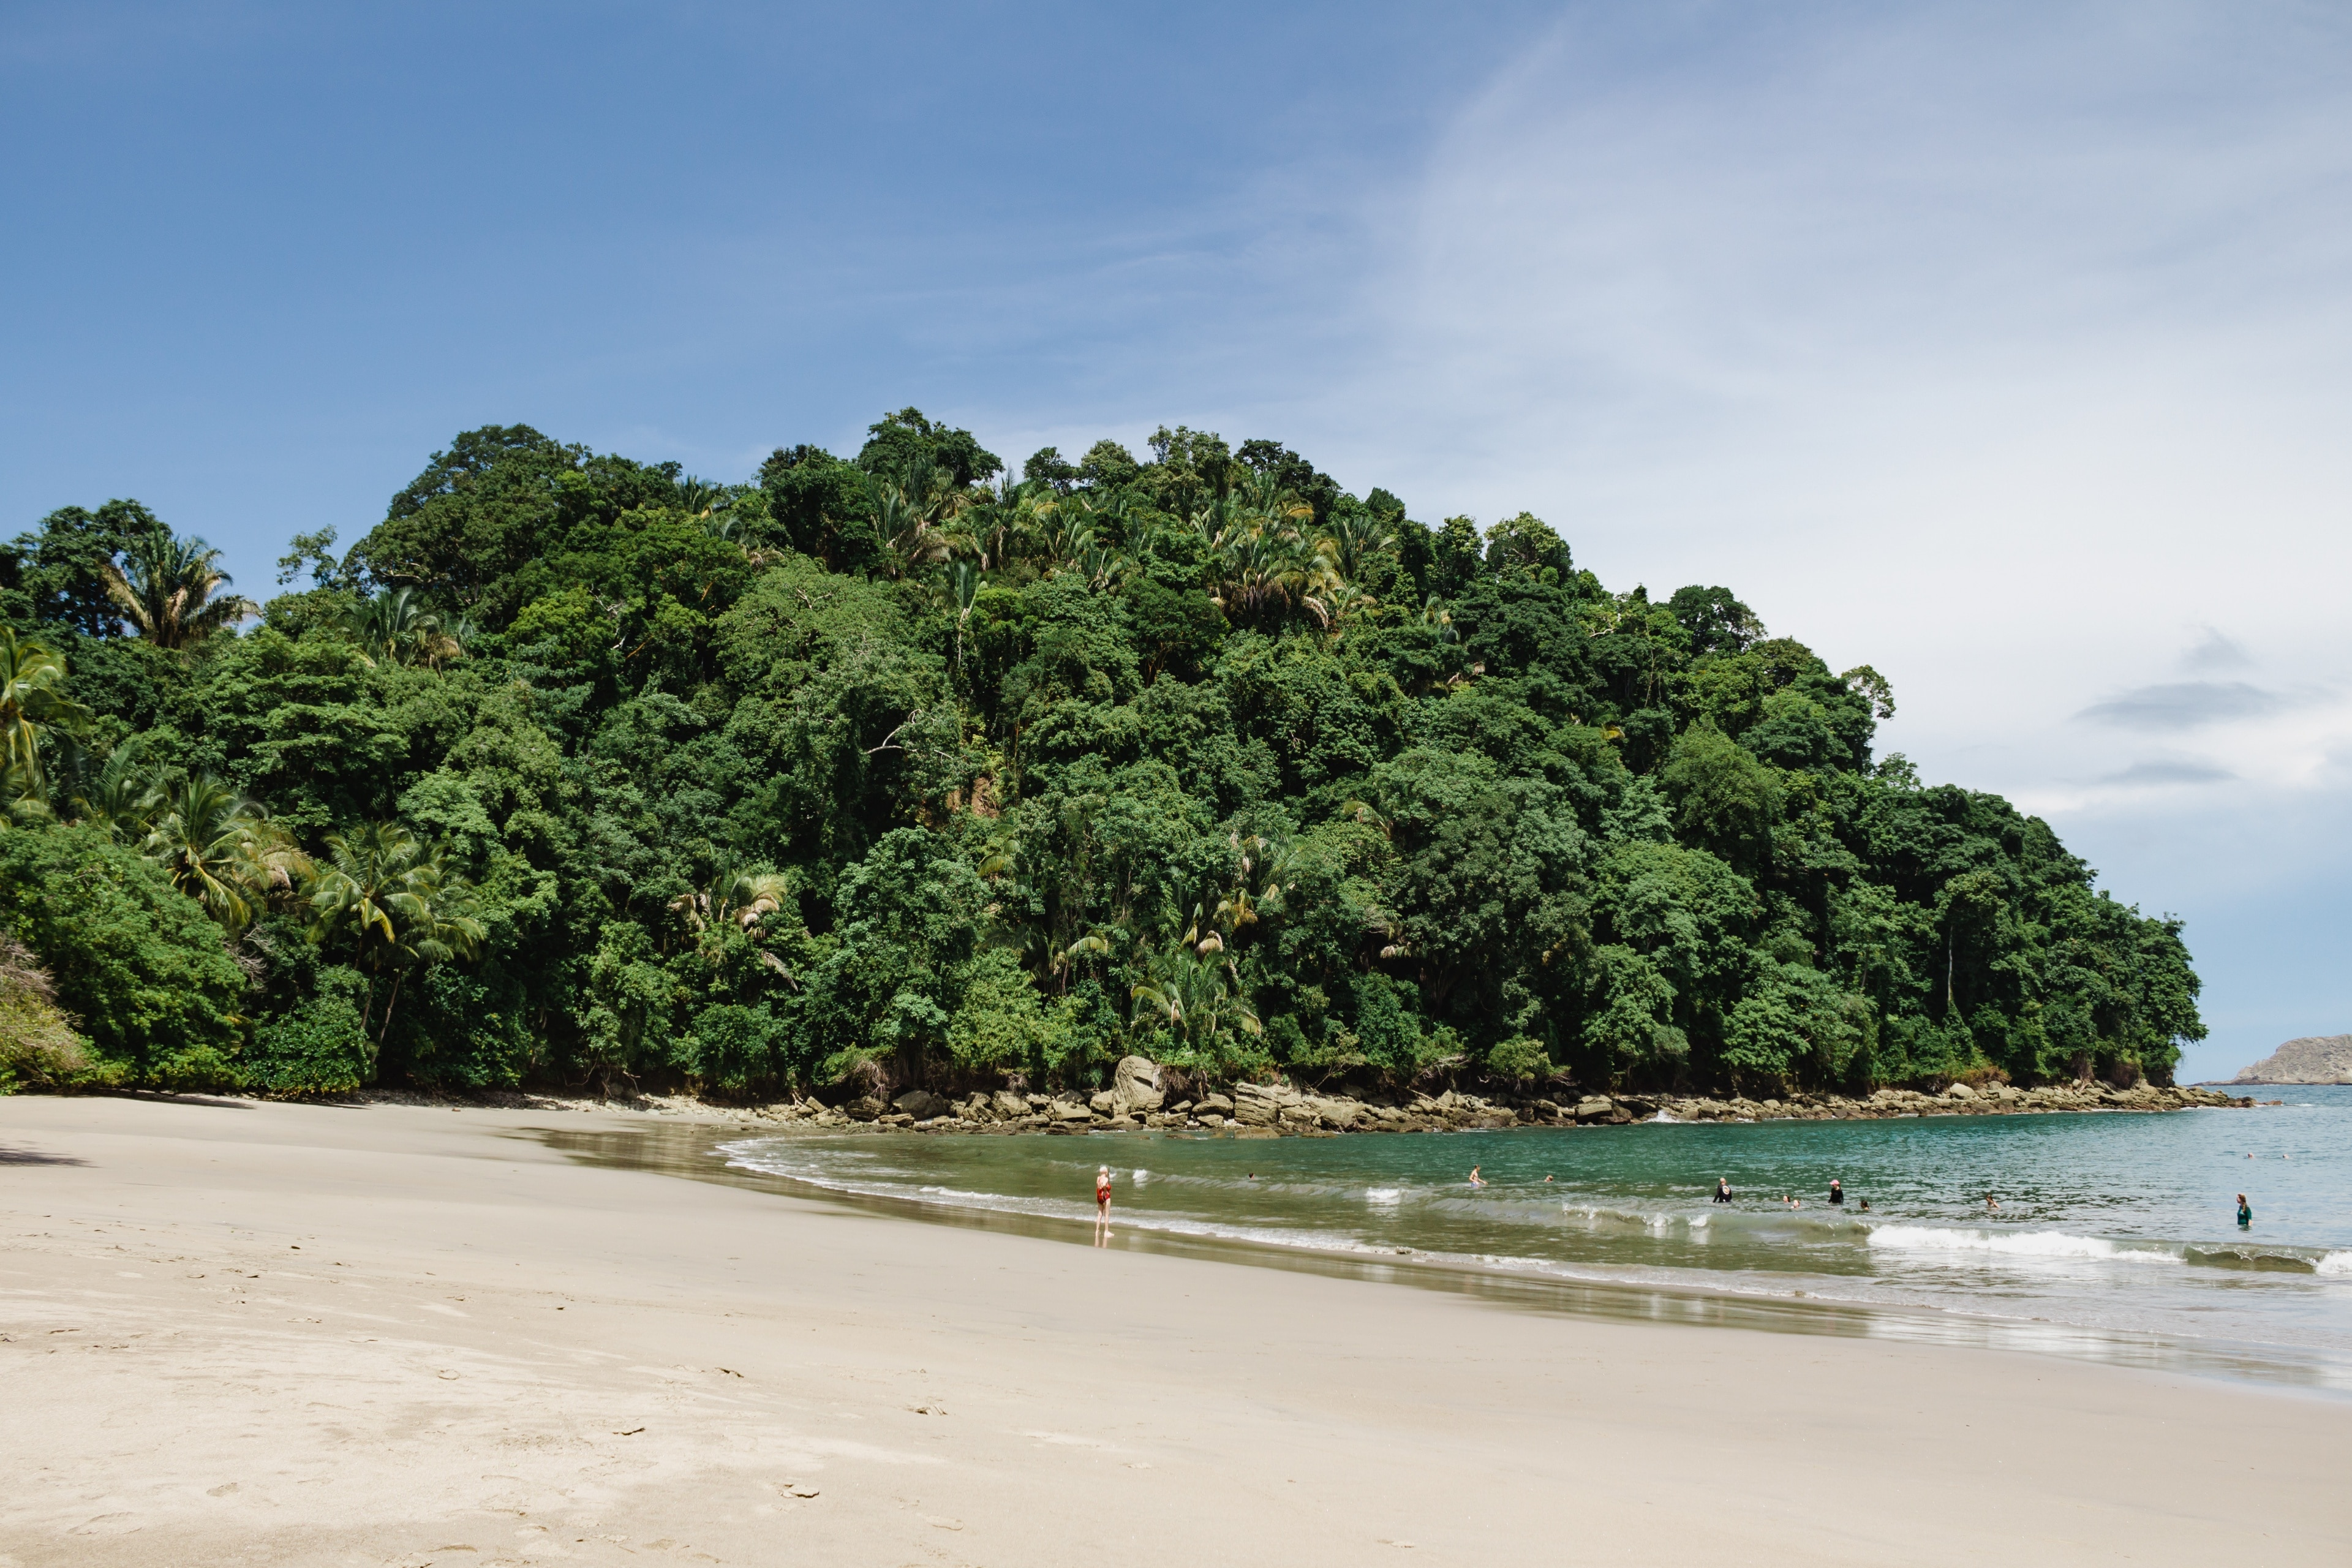 Quepos, Puntarenas Province, Costa Rica